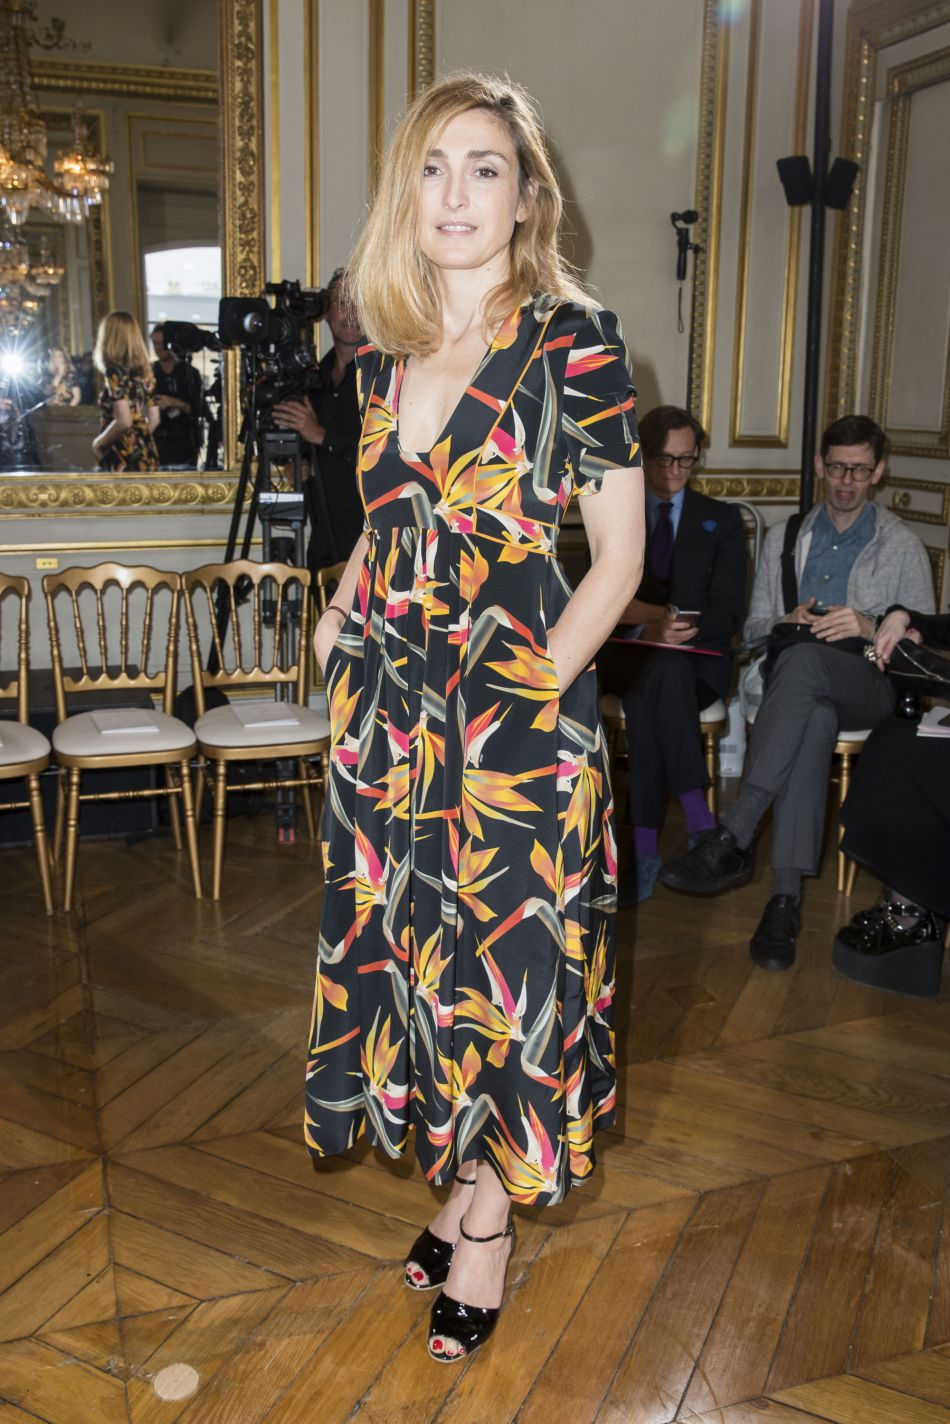 Julie Gayet dans une robe fleurie et estivale, lors de la Fashion Week Haute Couture automne-hiver 2016/2017 à Paris, le 4 juillet 2016.